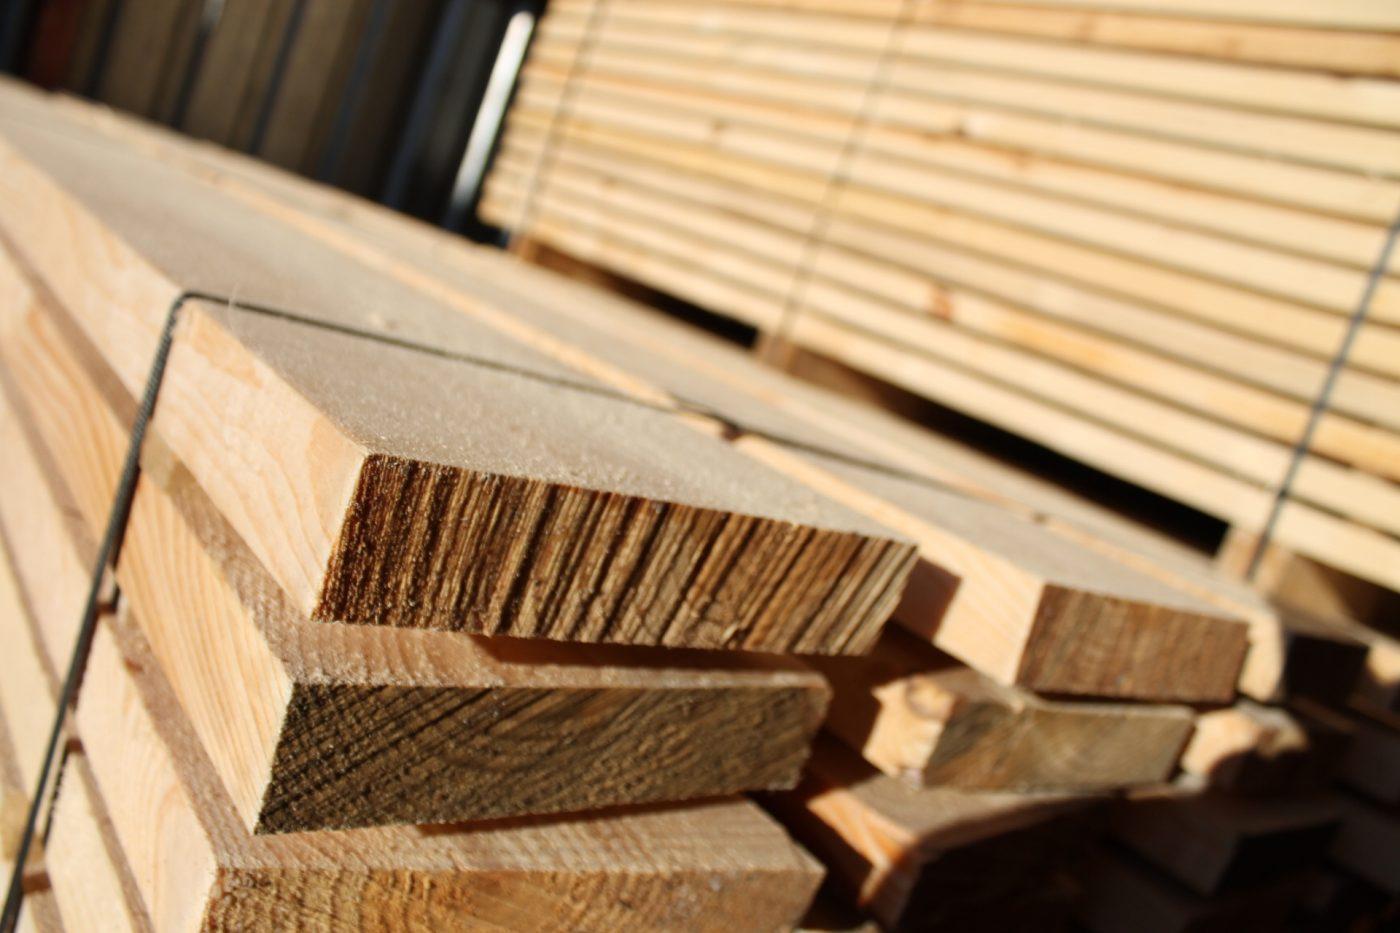 Las importaciones de madera crecieron un 5% en el primer semestre